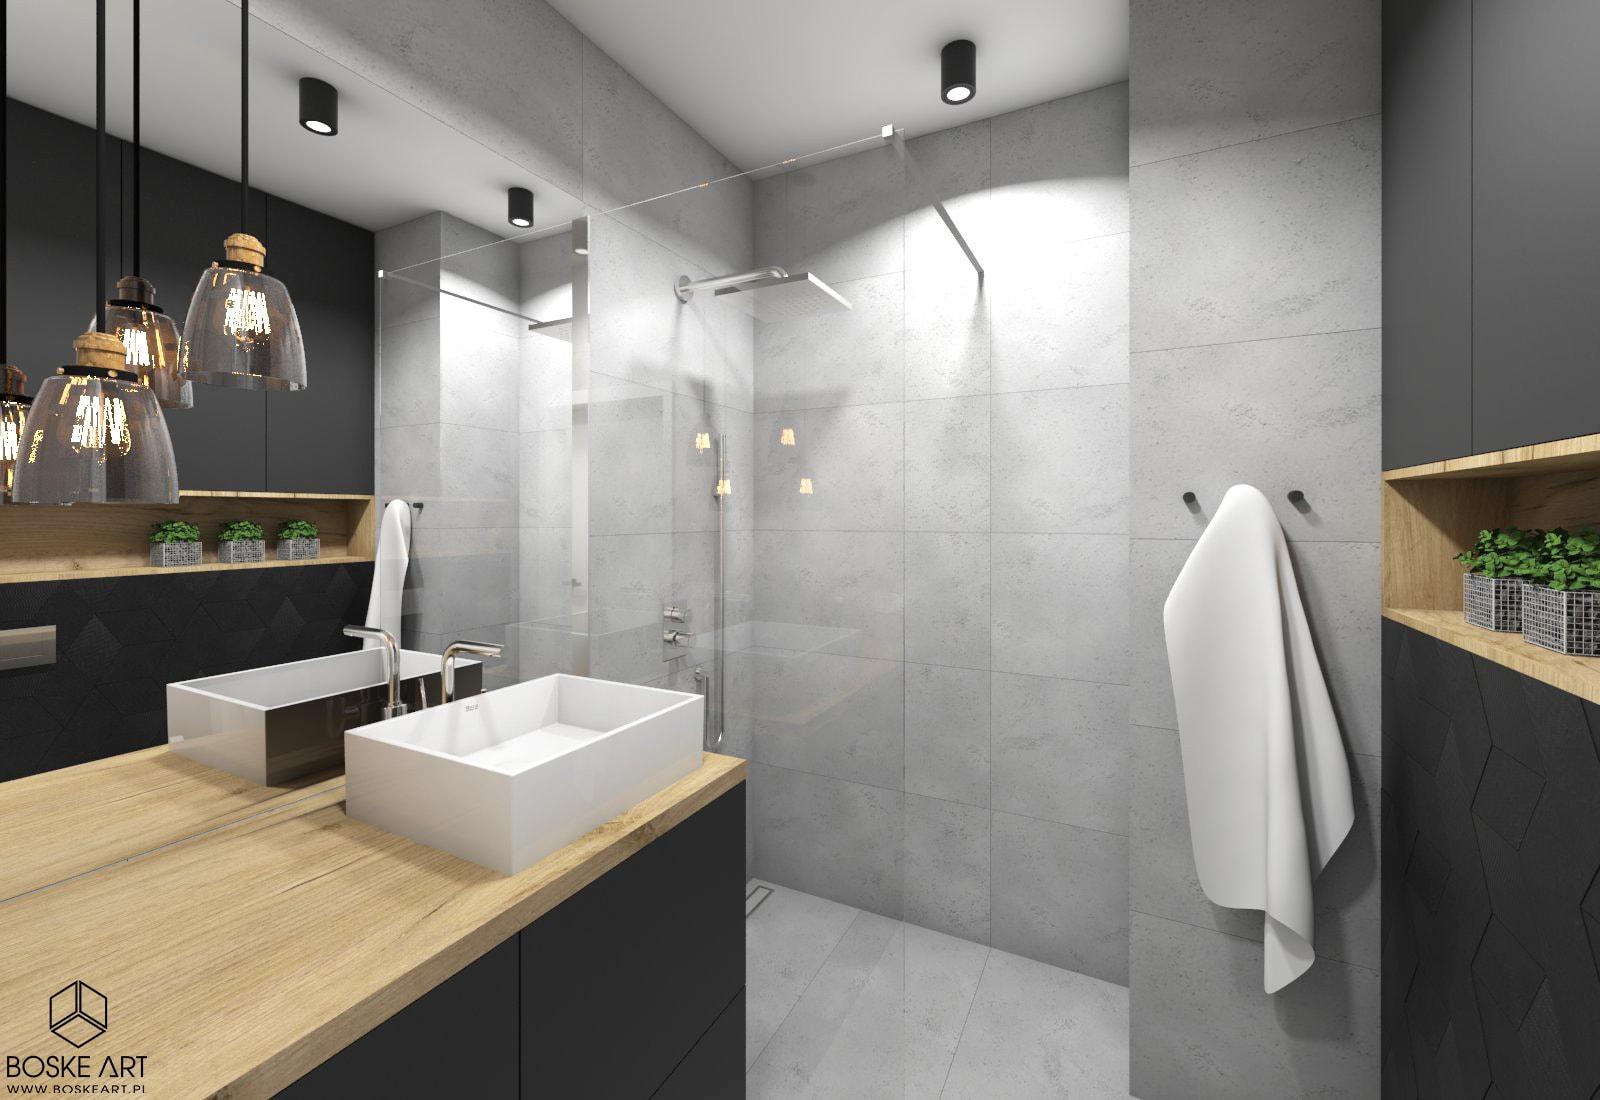 15_mieszkanie_poznan_boske_art_projektowanie_wnetrz_architektura_natalia_robaszkiewicz-min